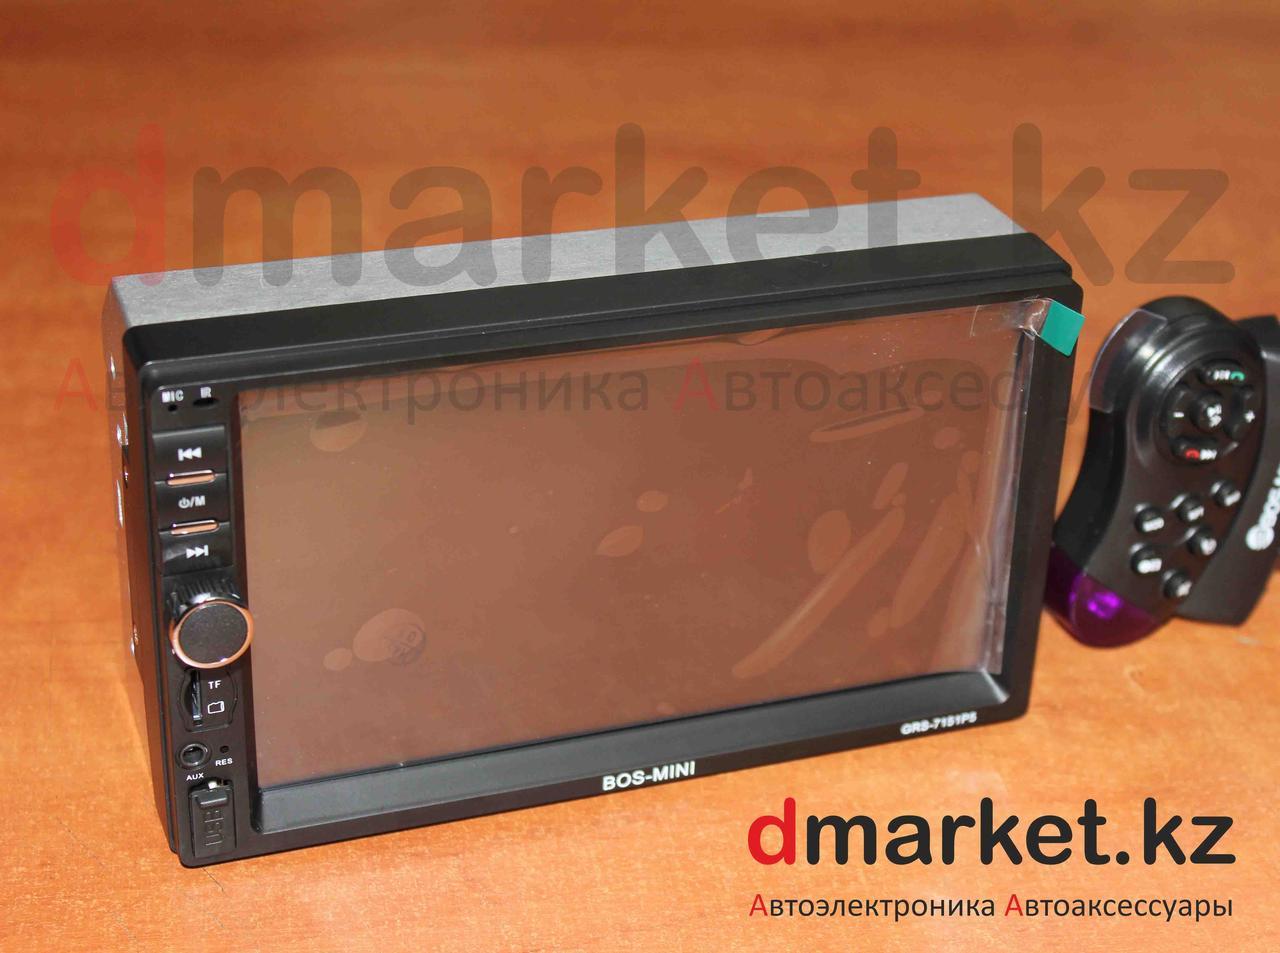 Автомагнитола Bos-Mini GRS-7151, 2DIN, USB, AUX, MP3, Bluetooth, камера в подарок